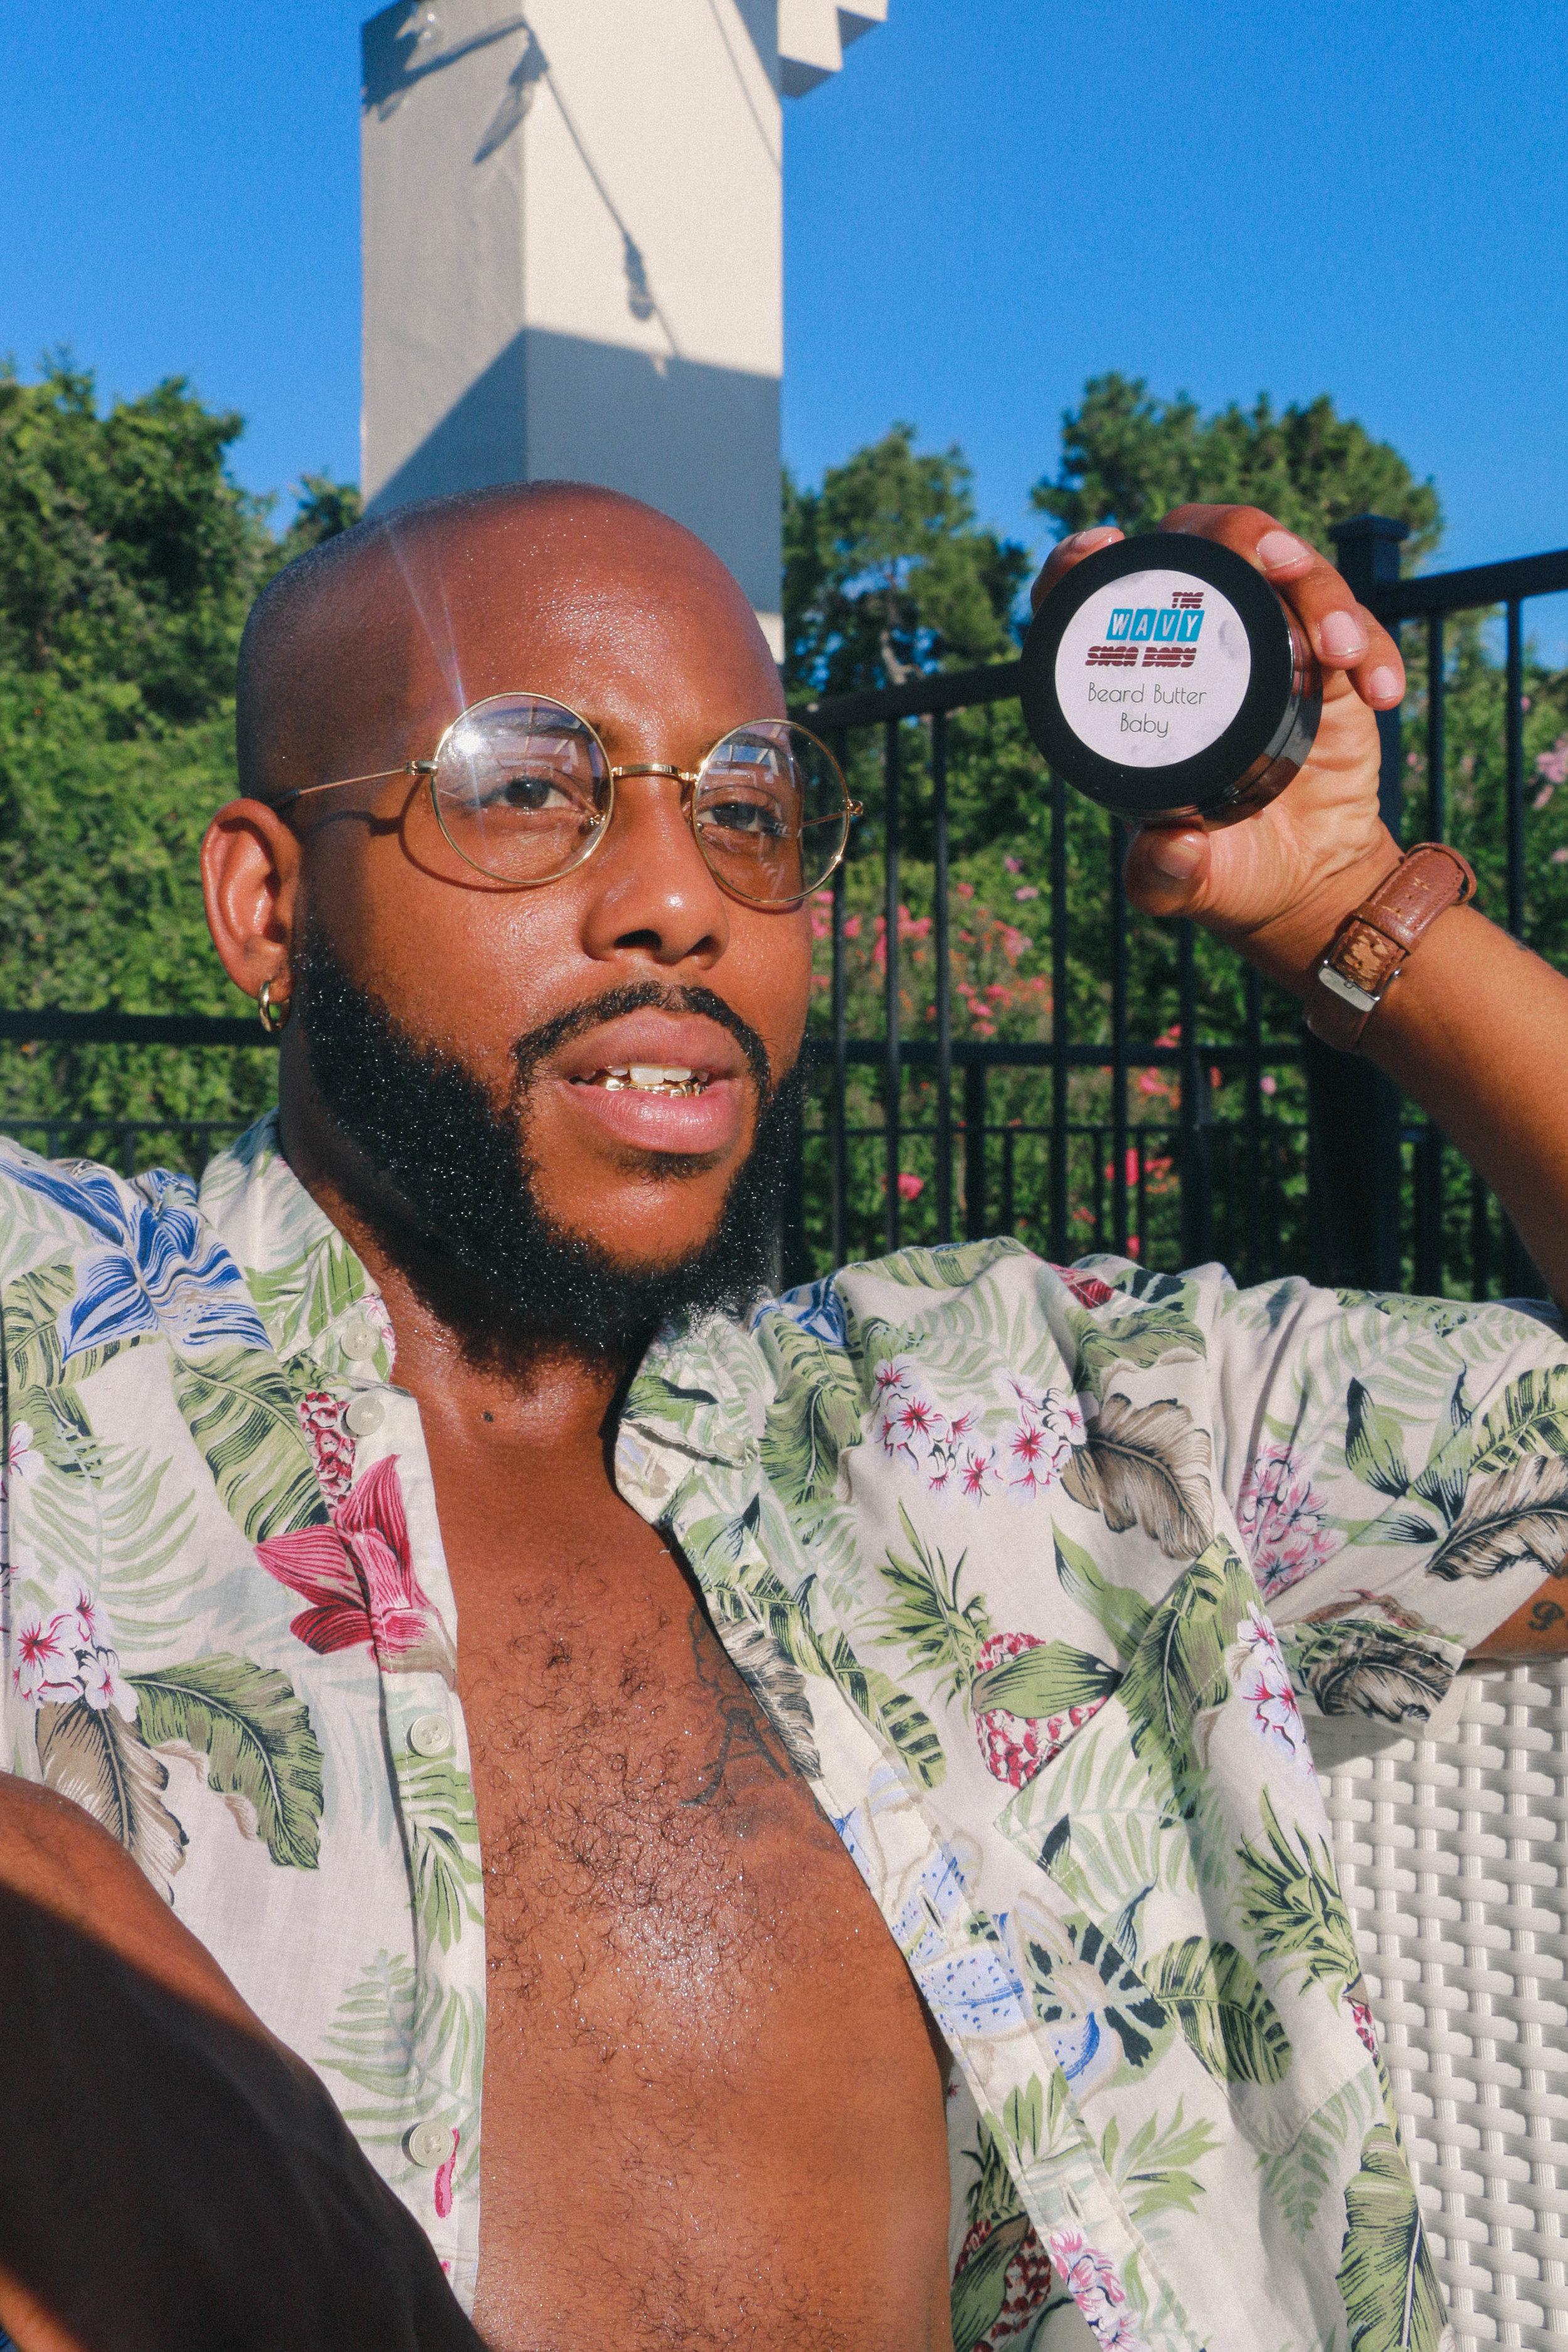 Beard Butter Baby -